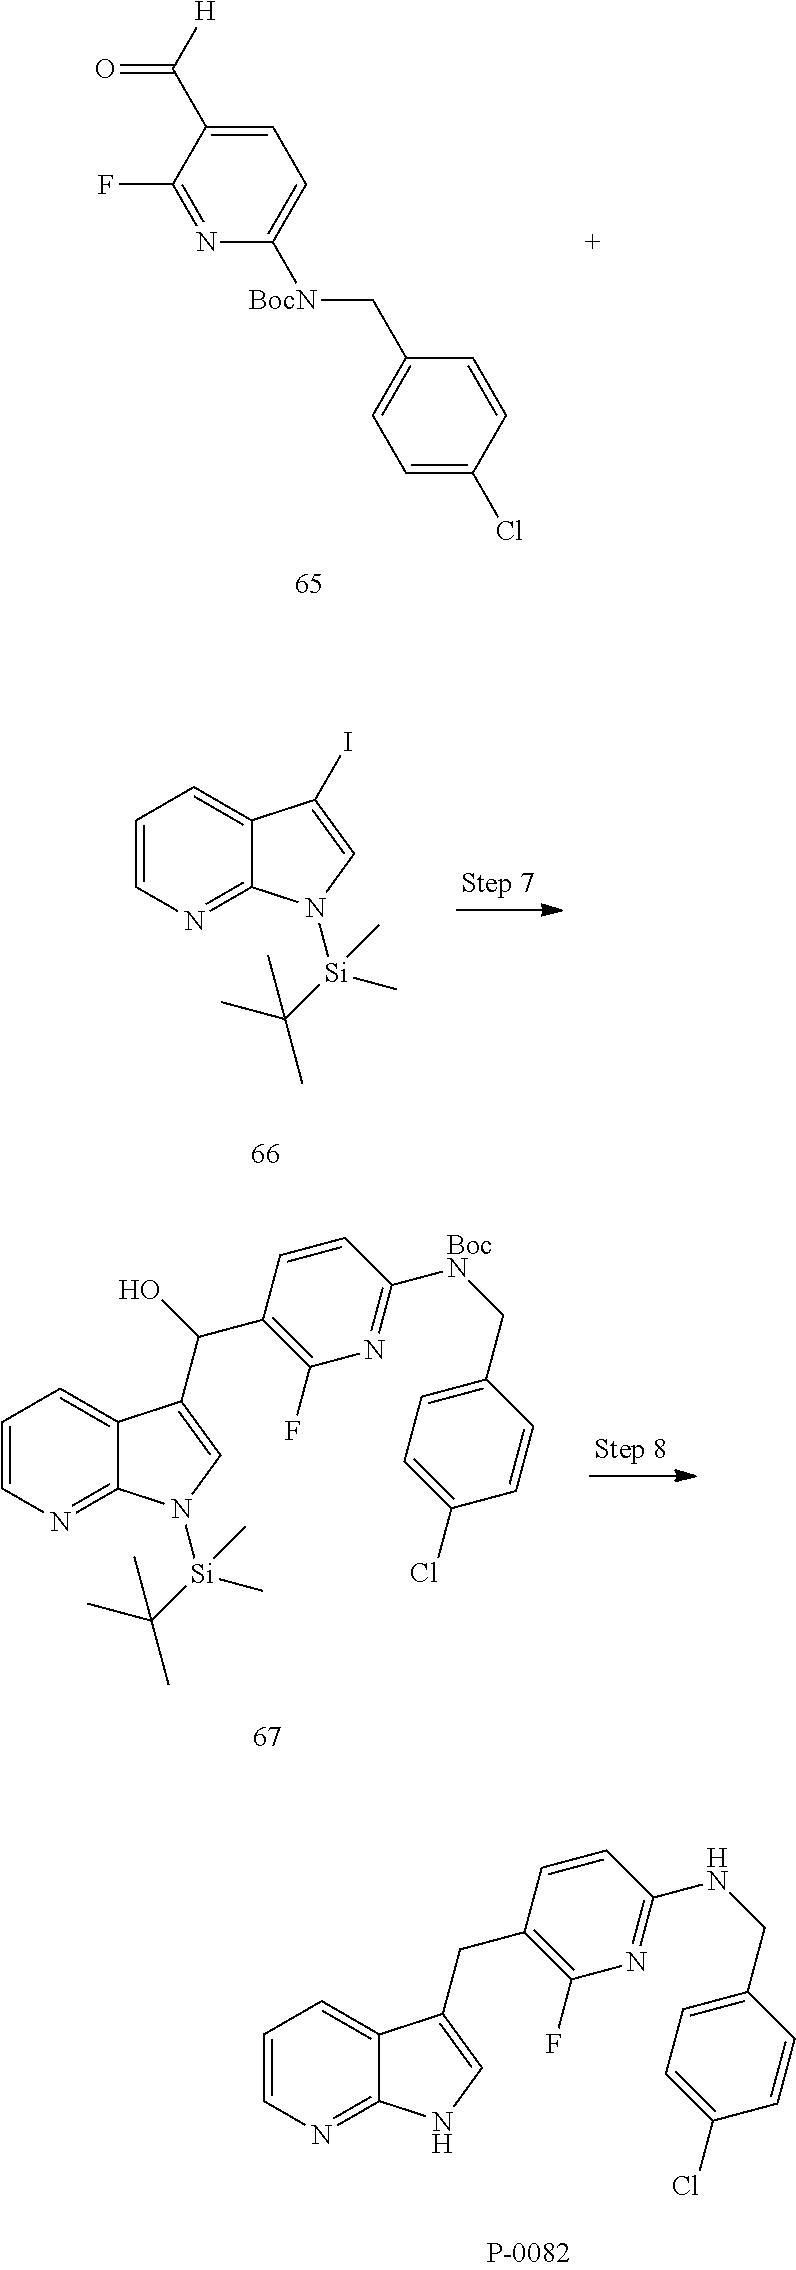 Figure US20110166174A1-20110707-C00089